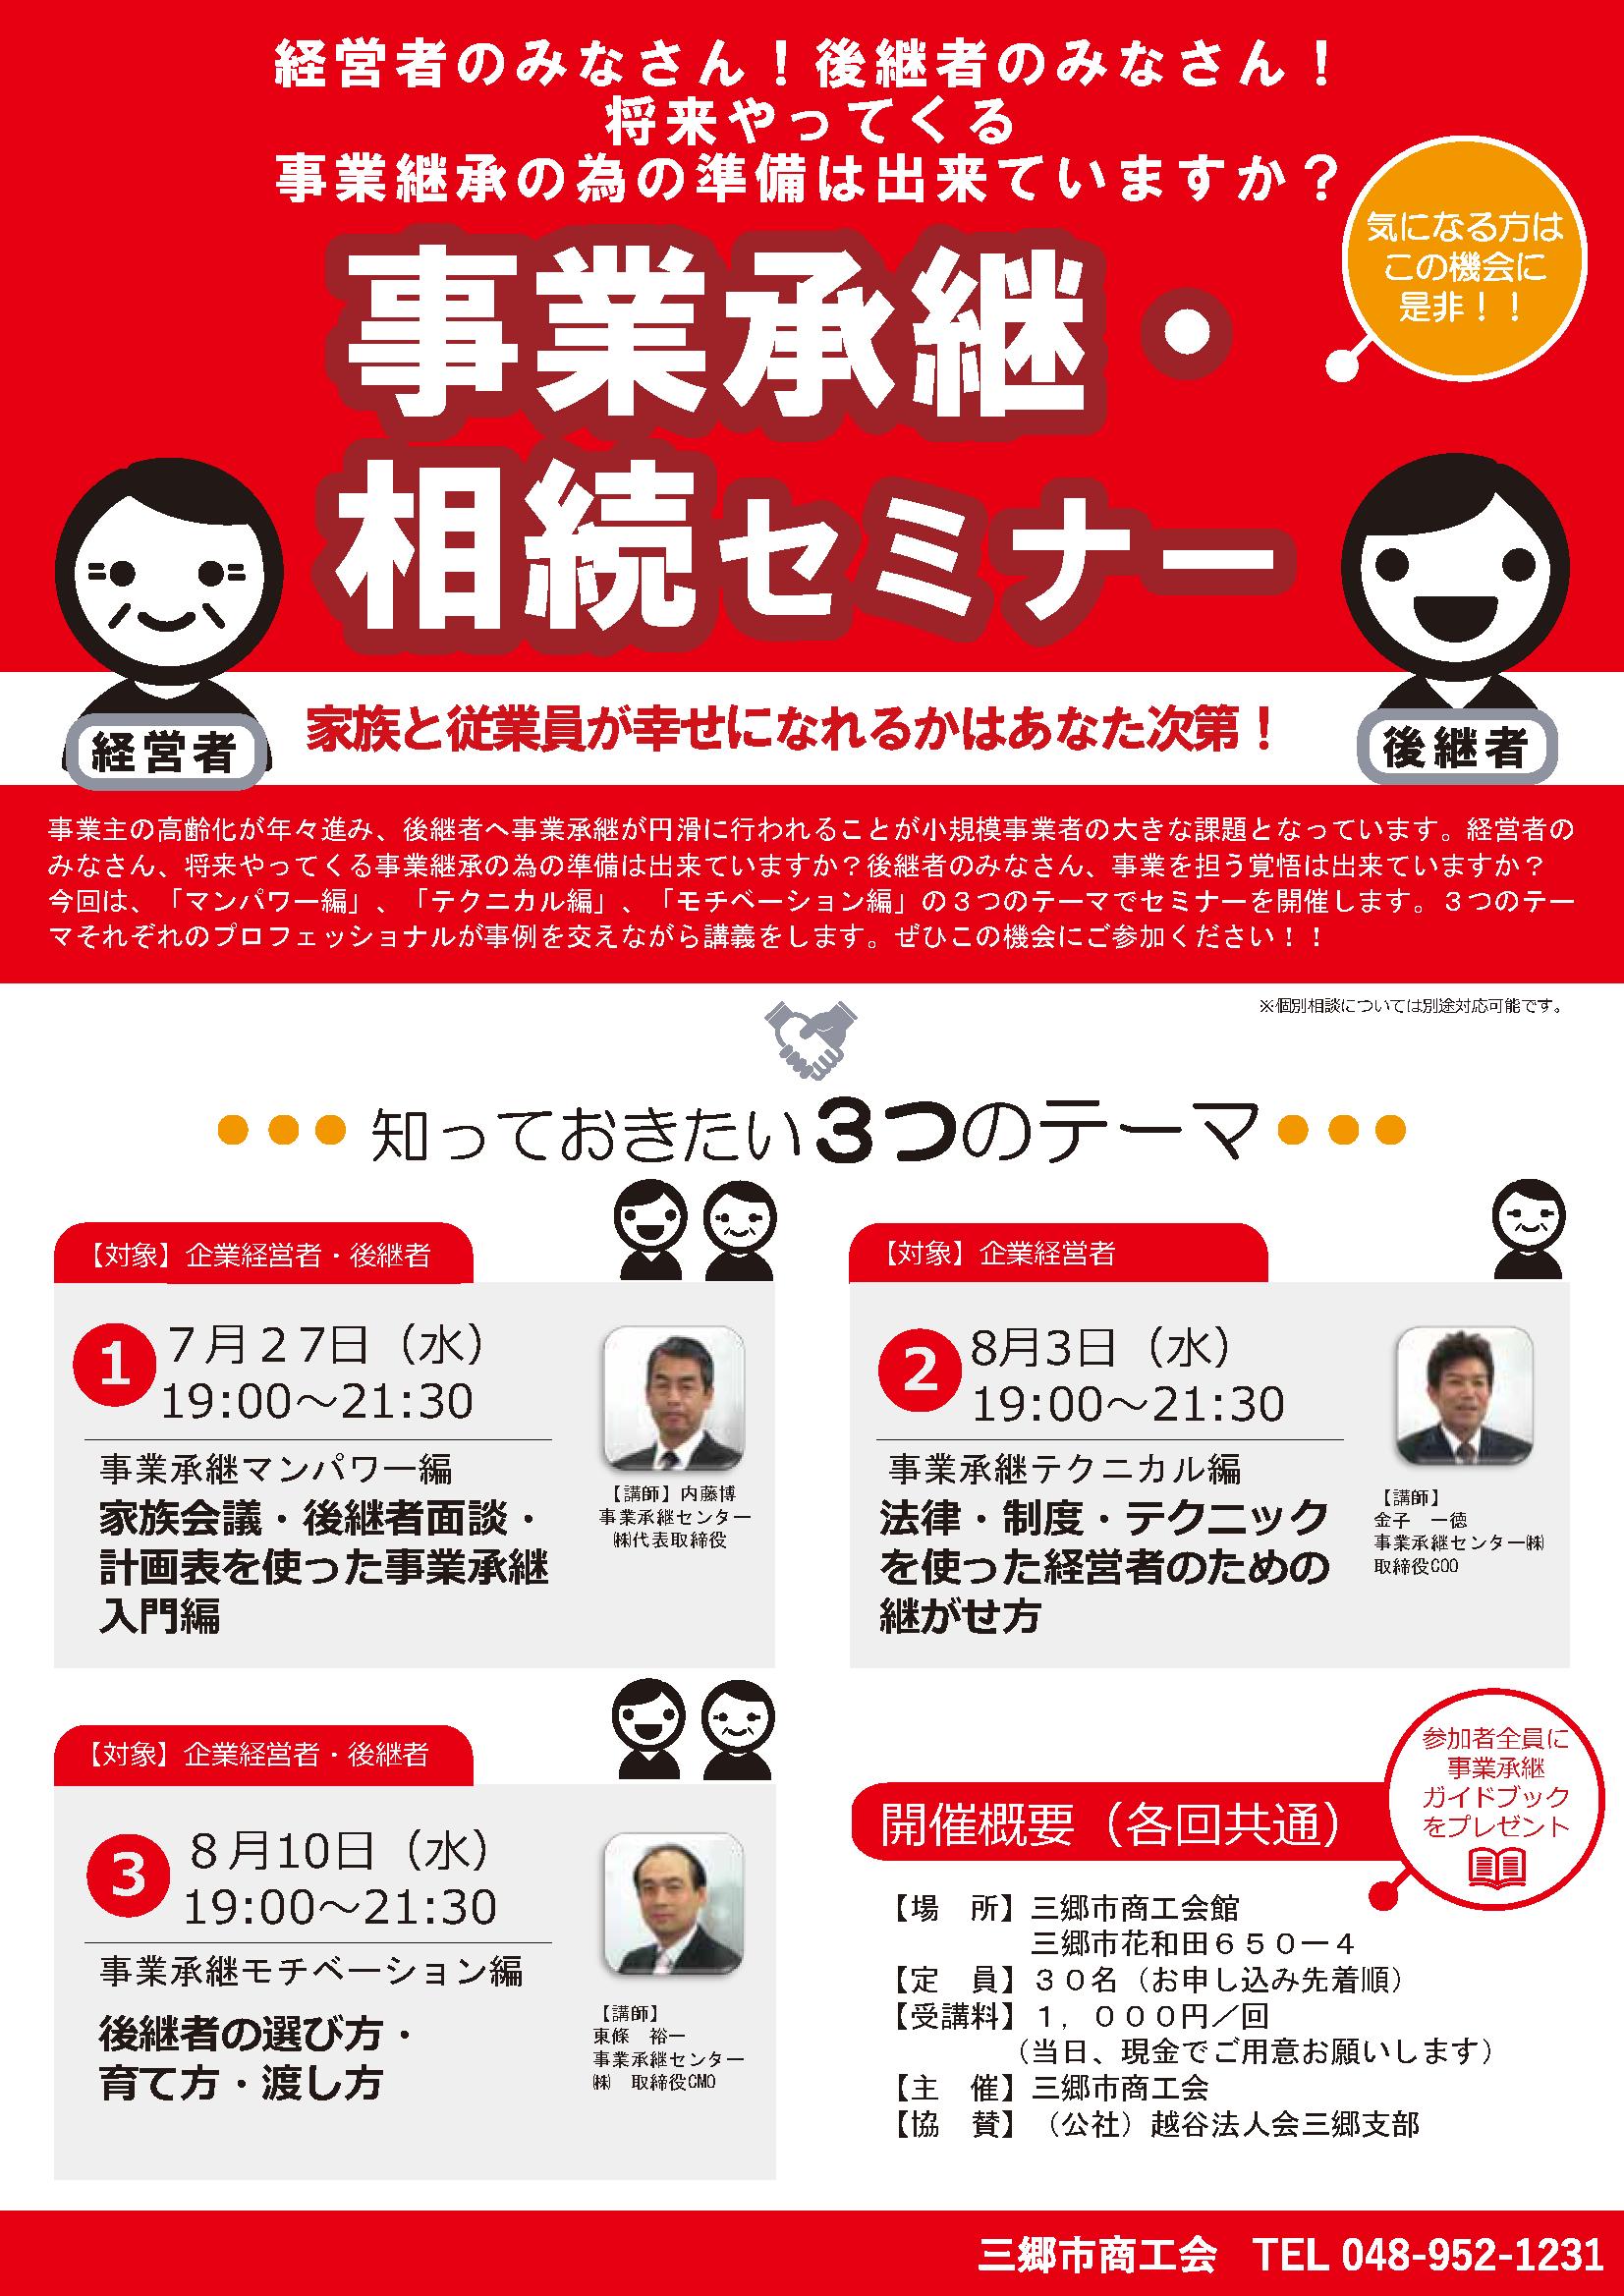 三郷市商工会事業承継・相続セミナー